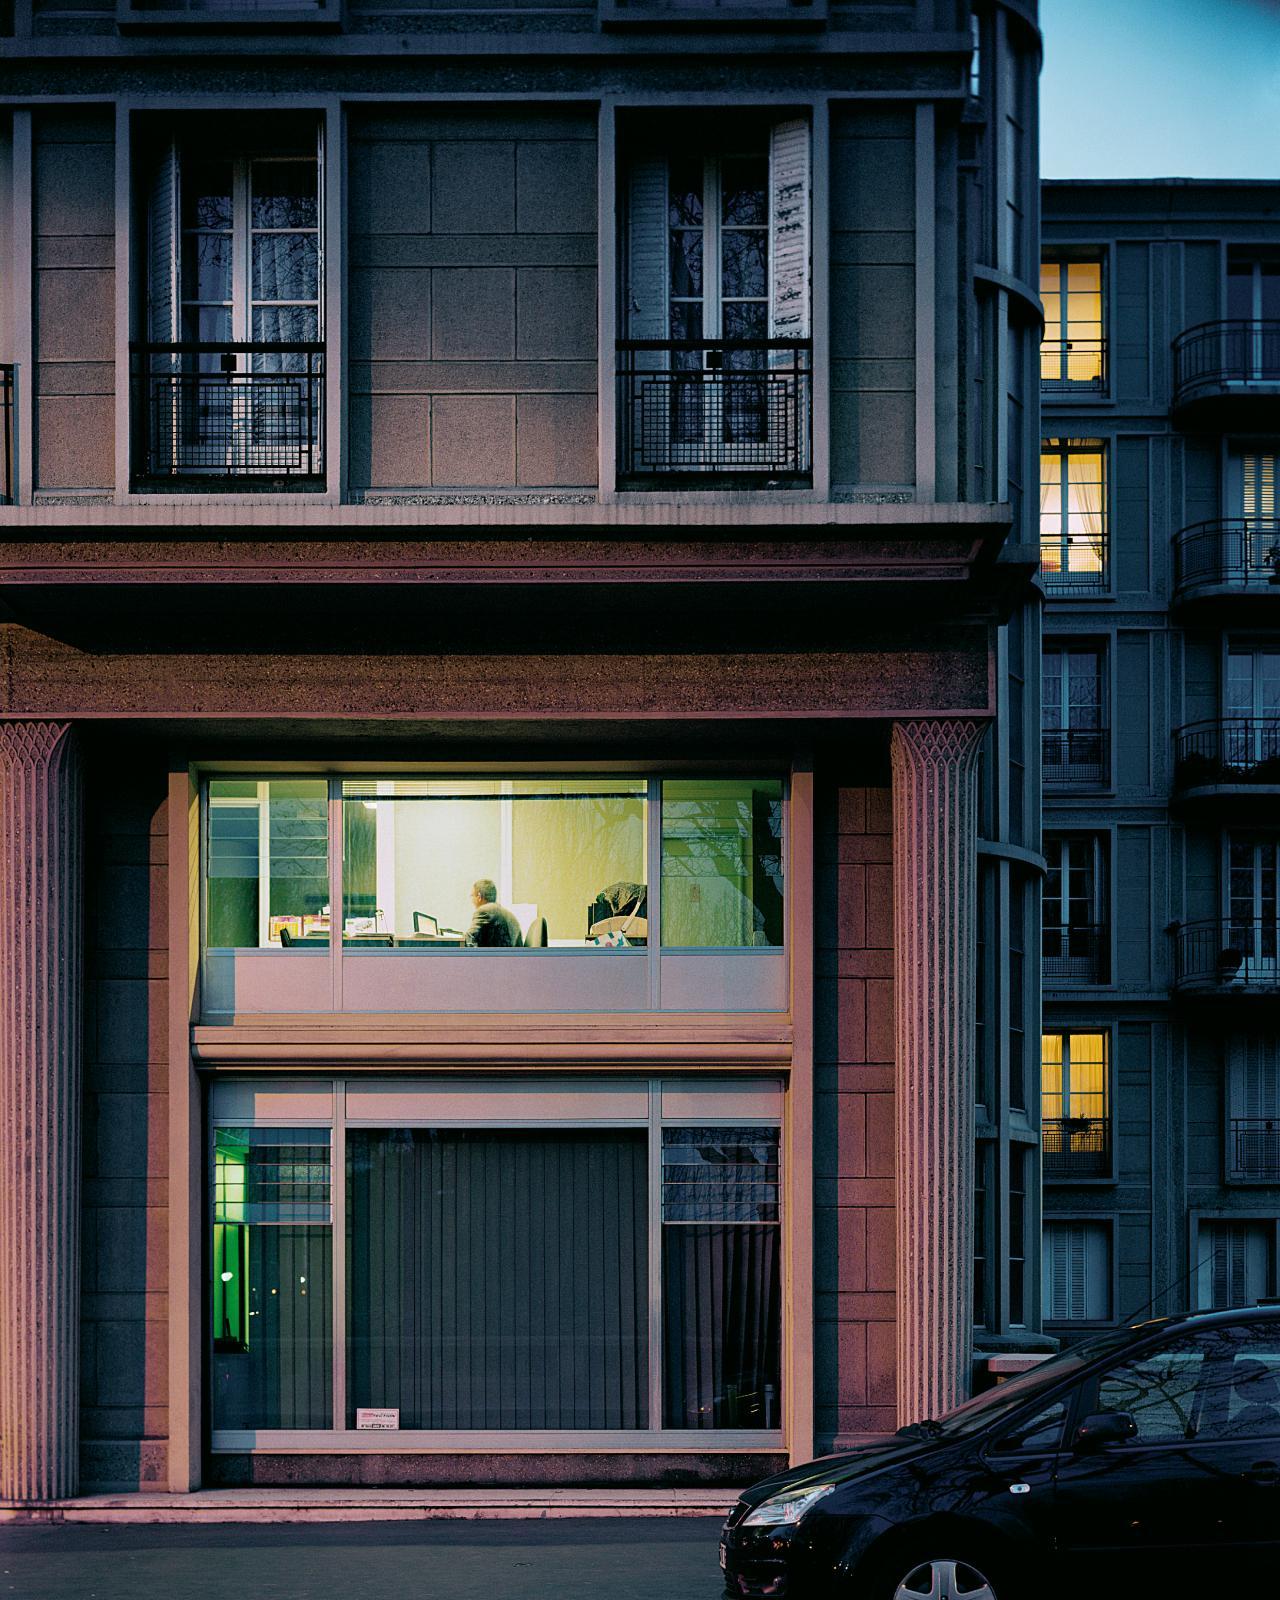 Véronique Ellena, Le Havre, un angle de l'avenue Foch, 2007, photographie contrecollée sur aluminium et sous Plexiglas, 100x80cm, LeHavre, musée d